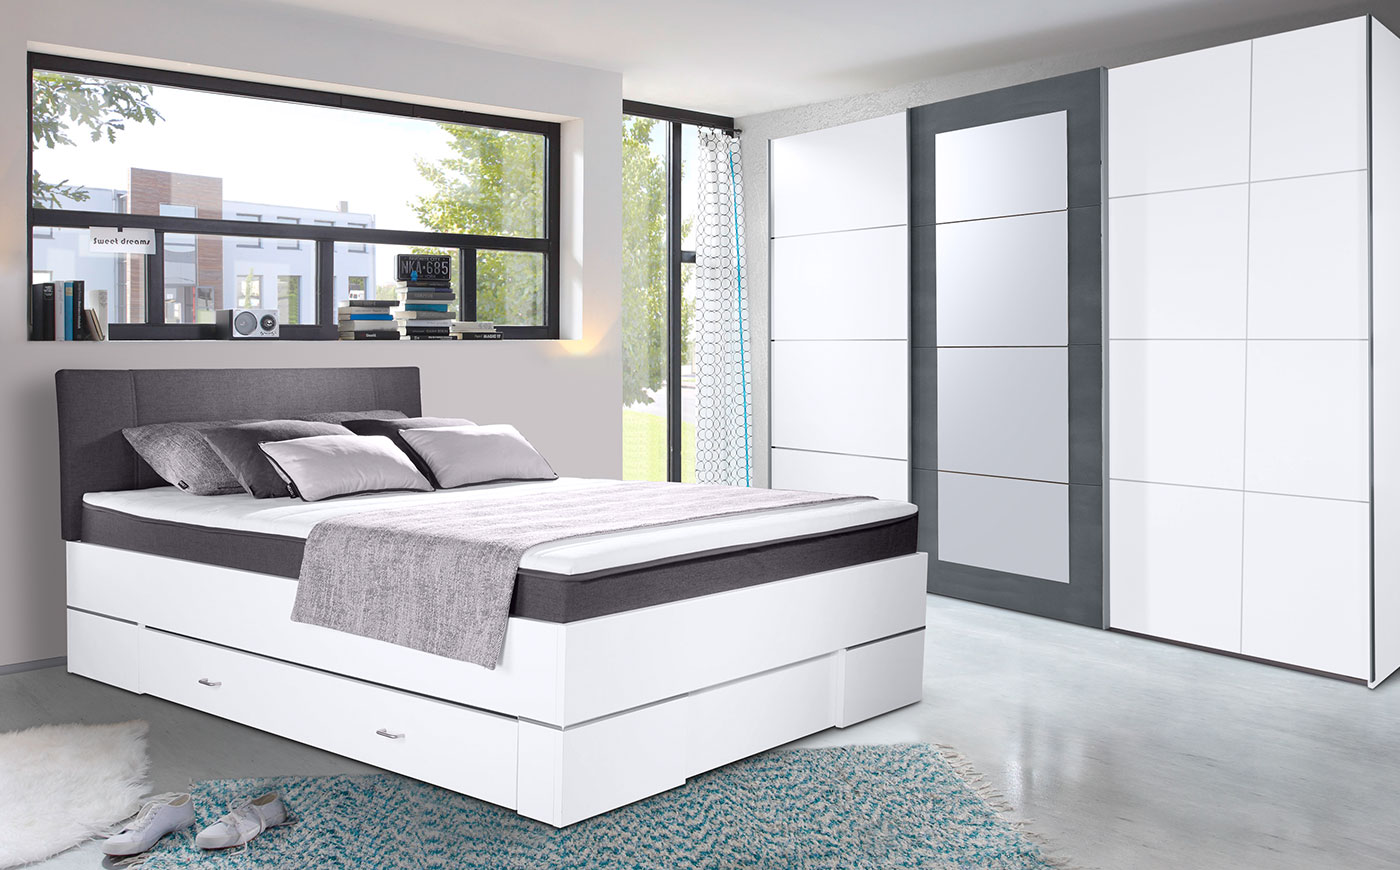 Full Size of Günstige Schlafzimmer Komplett Mbelpiraten Bett 180x200 Mit Lattenrost Und Matratze Günstiges Sofa Tapeten Günstig Teppich Luxus Komplettküche Romantische Schlafzimmer Günstige Schlafzimmer Komplett